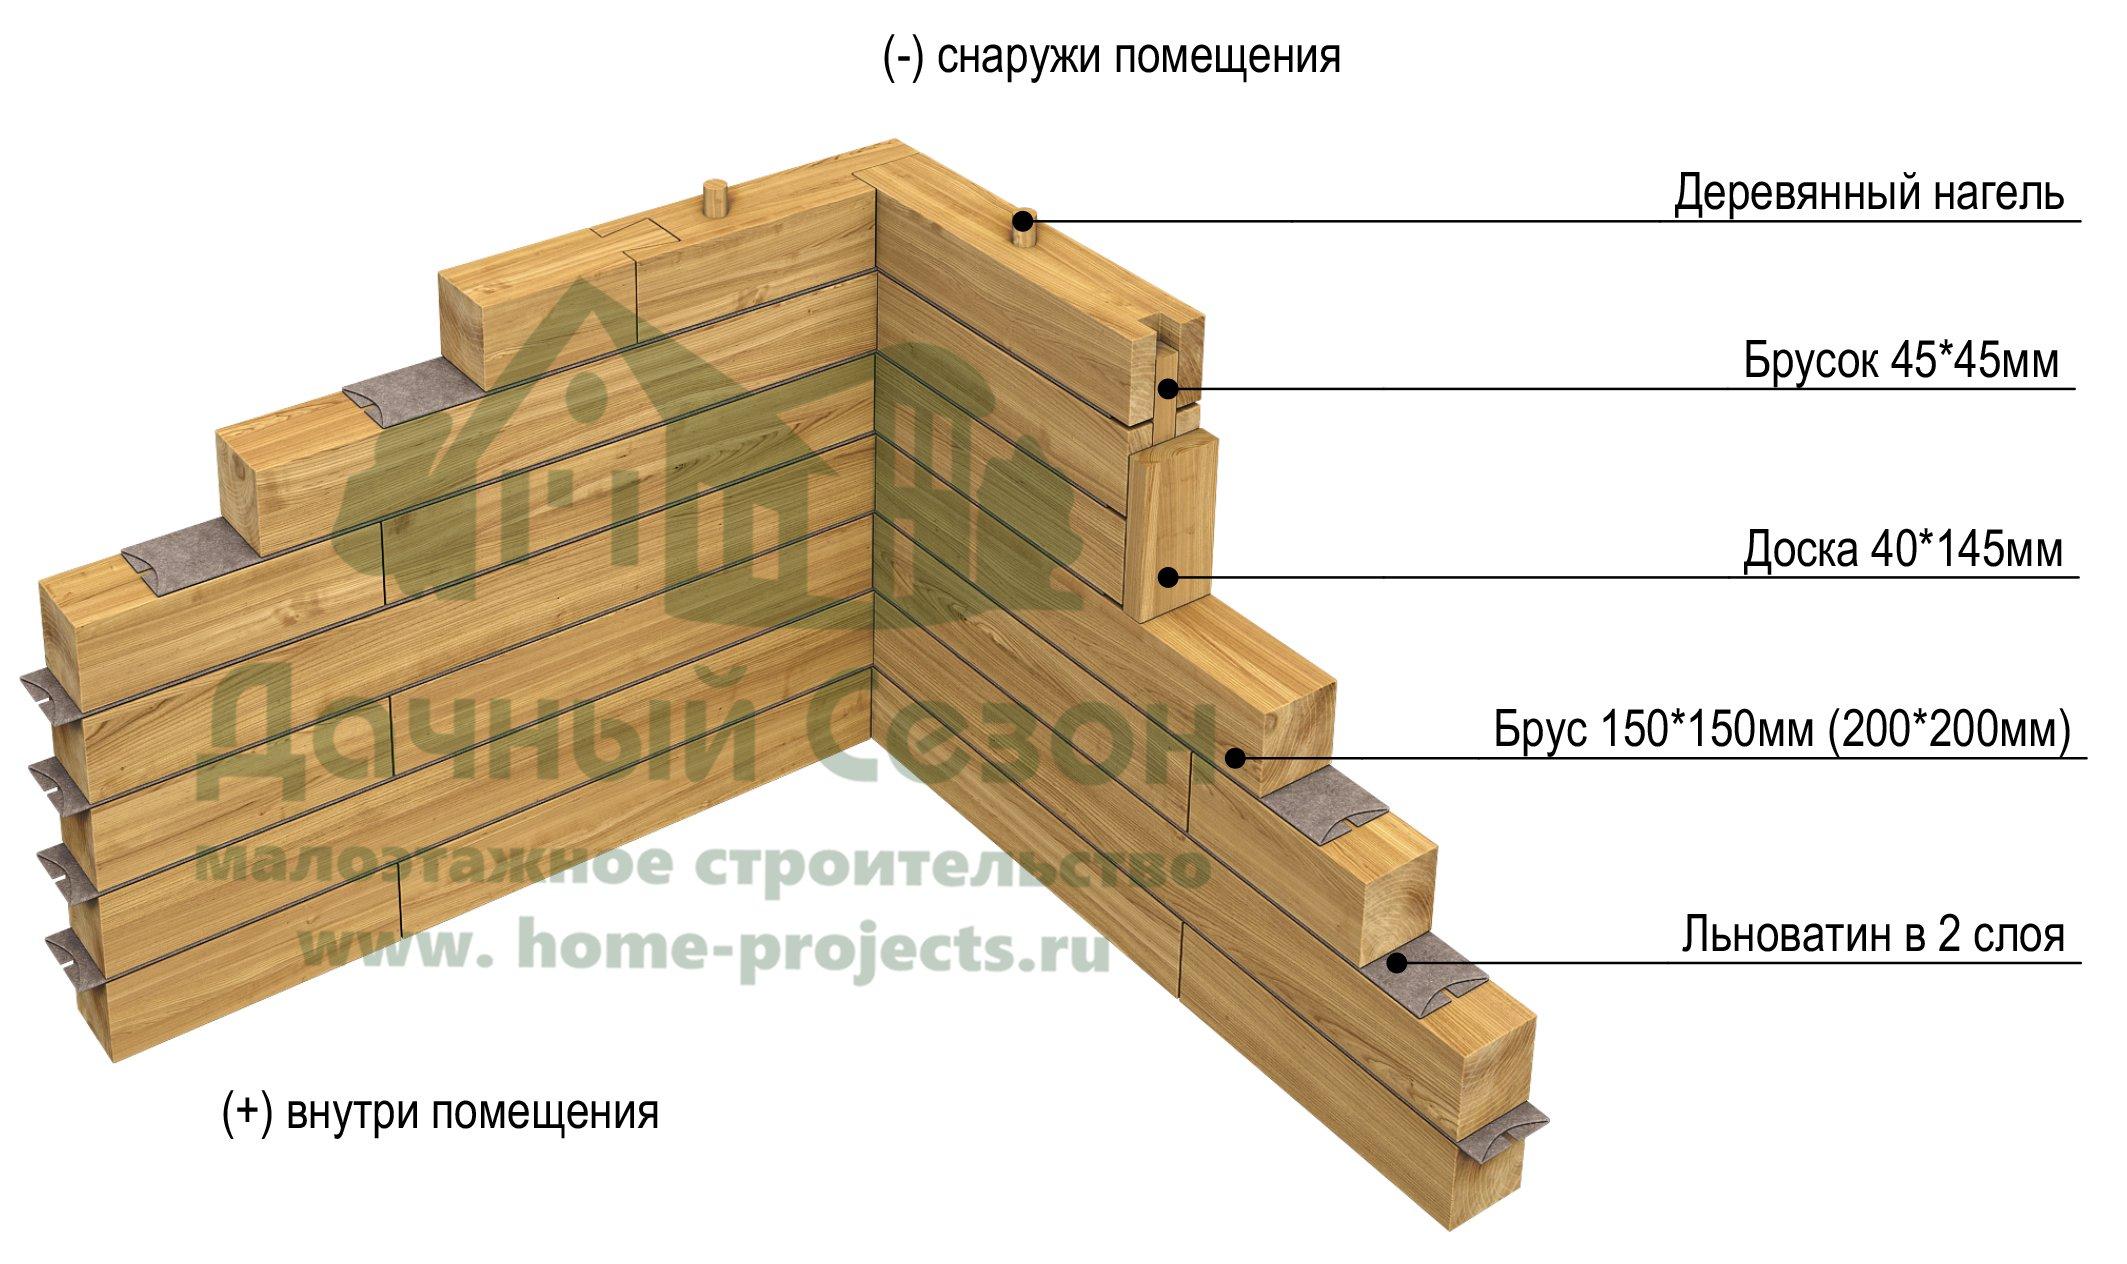 схема перекрытия потолка 1-ого этажа